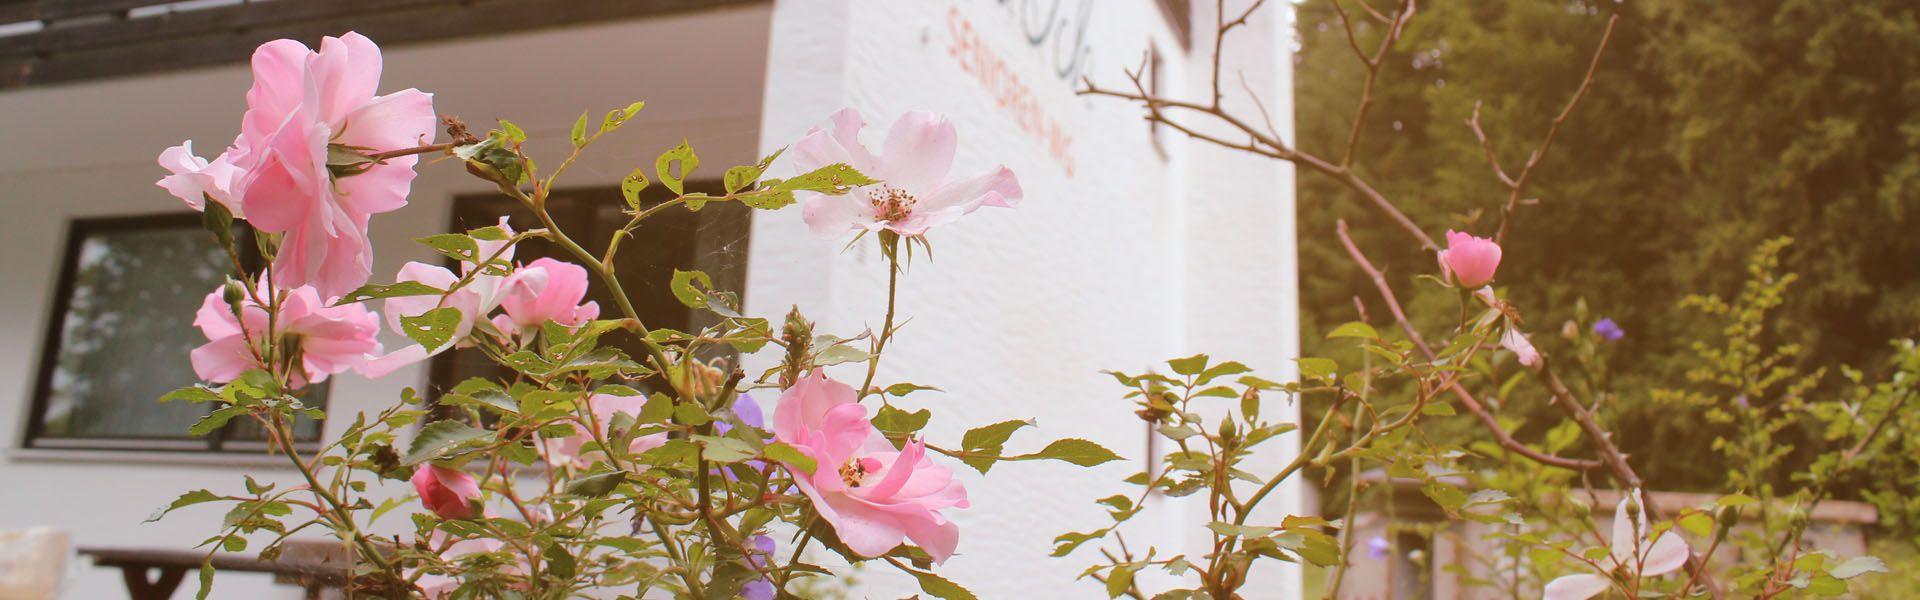 Rosen vor der Senioren-WG